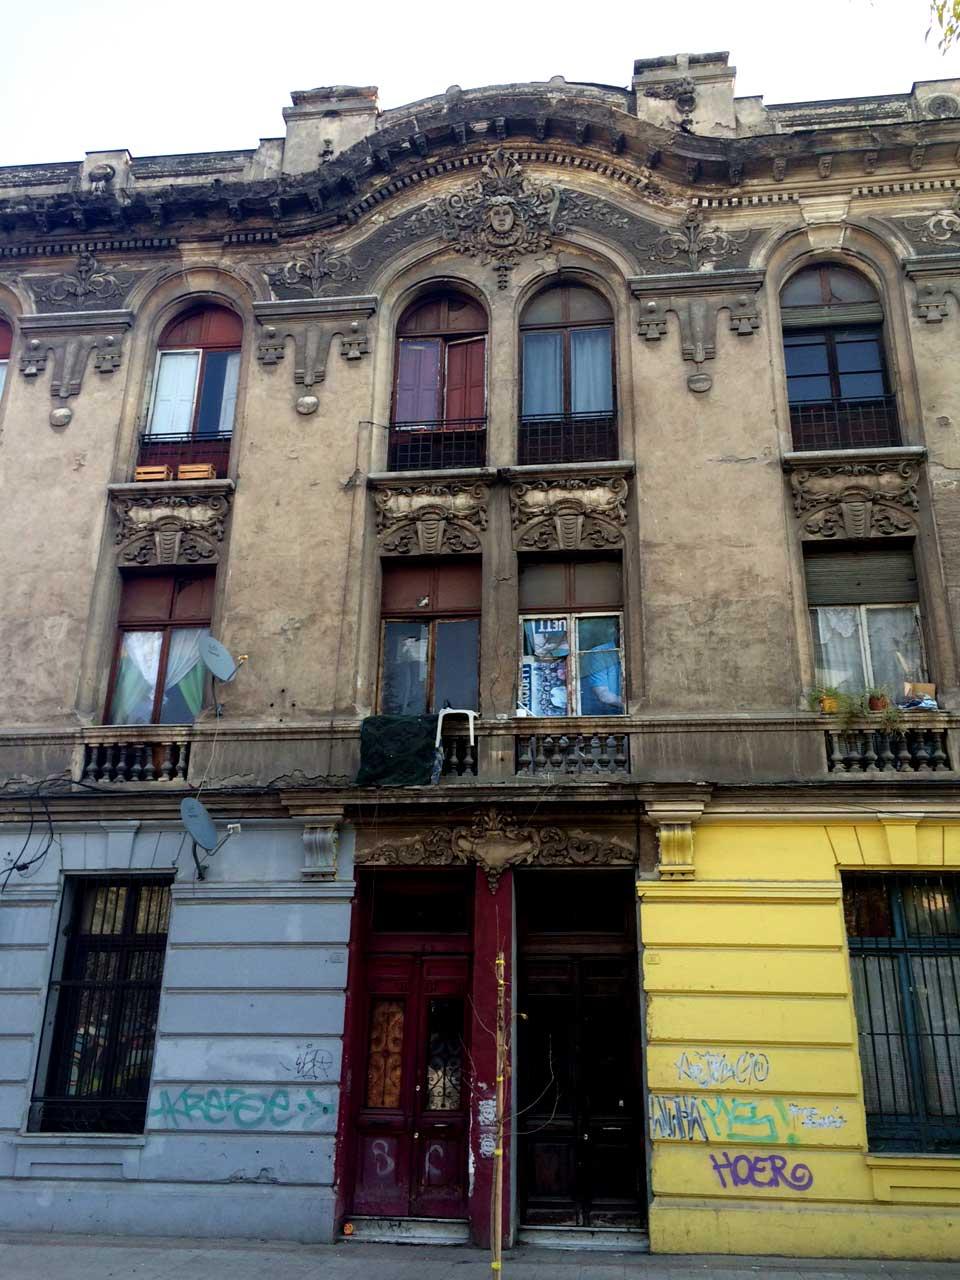 En Calle Cienfuegos, entre Agustinas y Huérfanos, este edificio de tres pisos, con notables detalles en su fachada, muestra su deterioro.